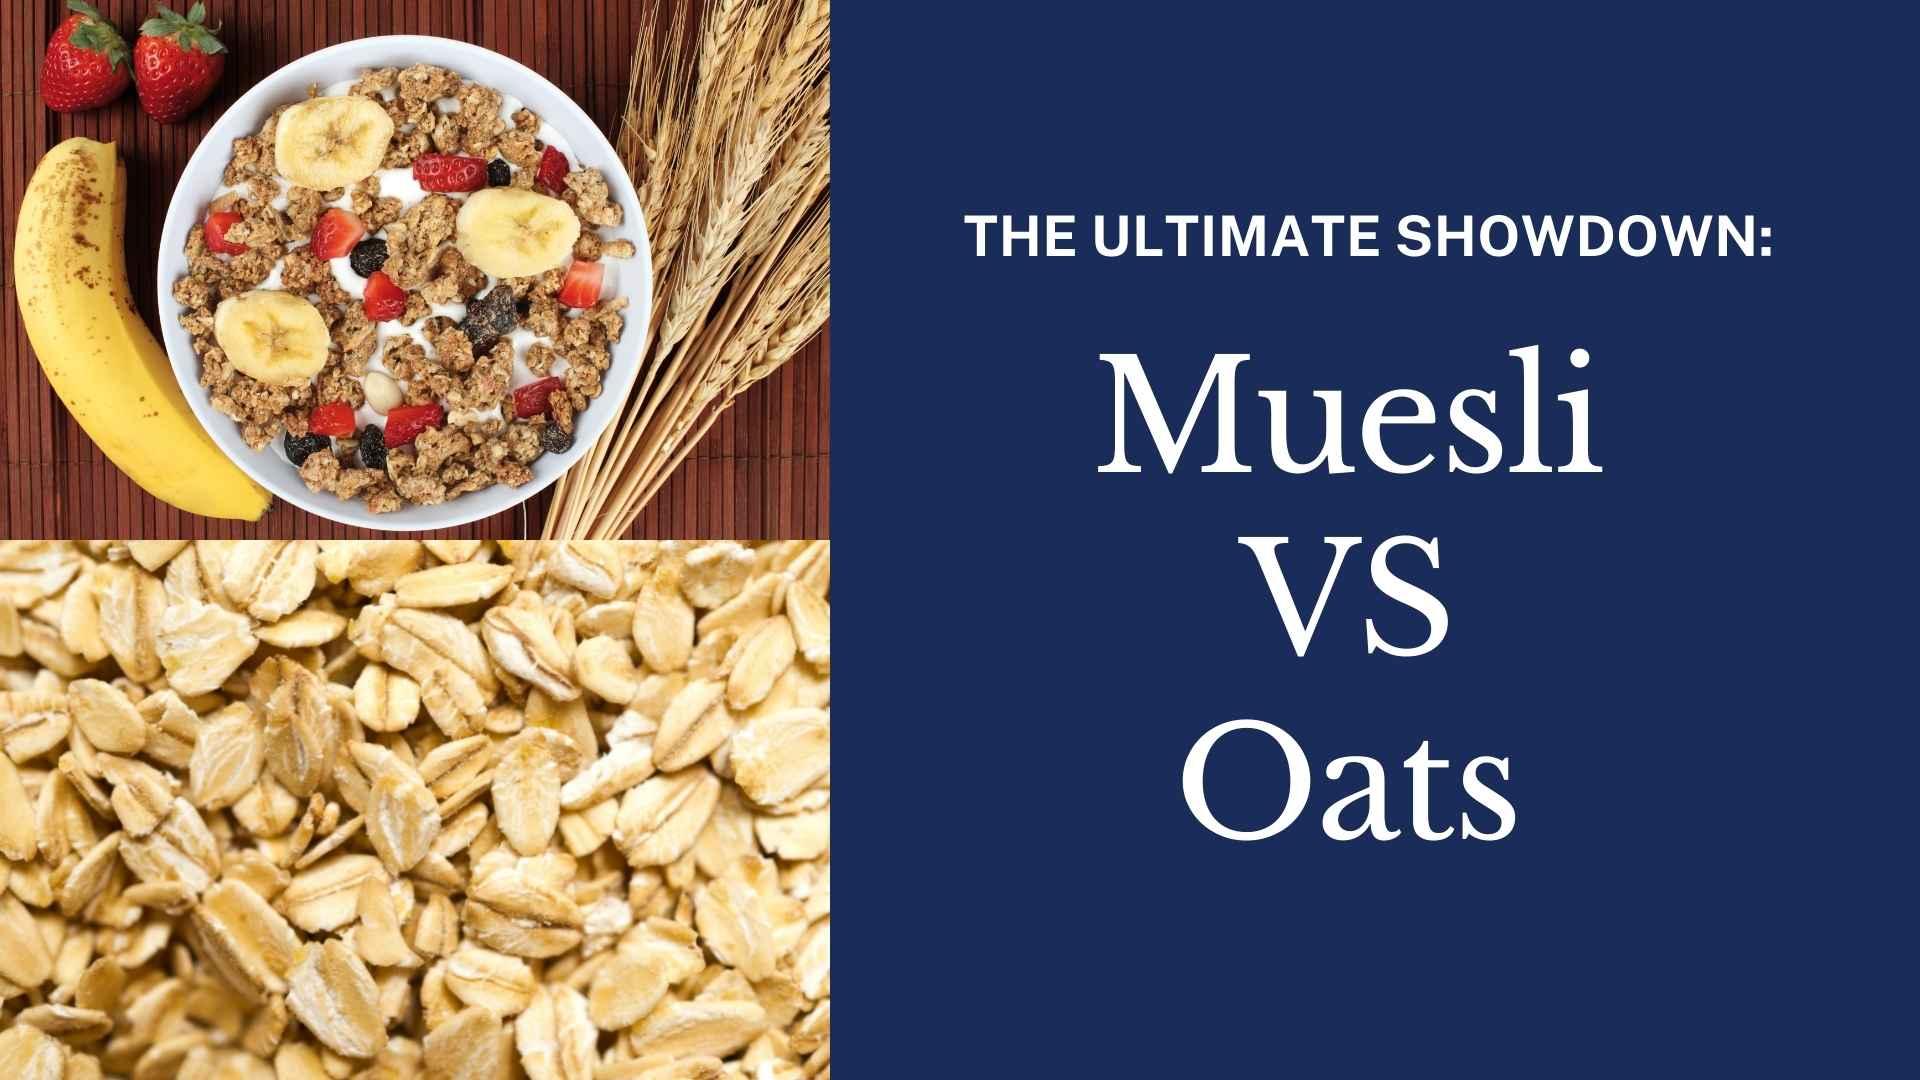 muesli vs oats